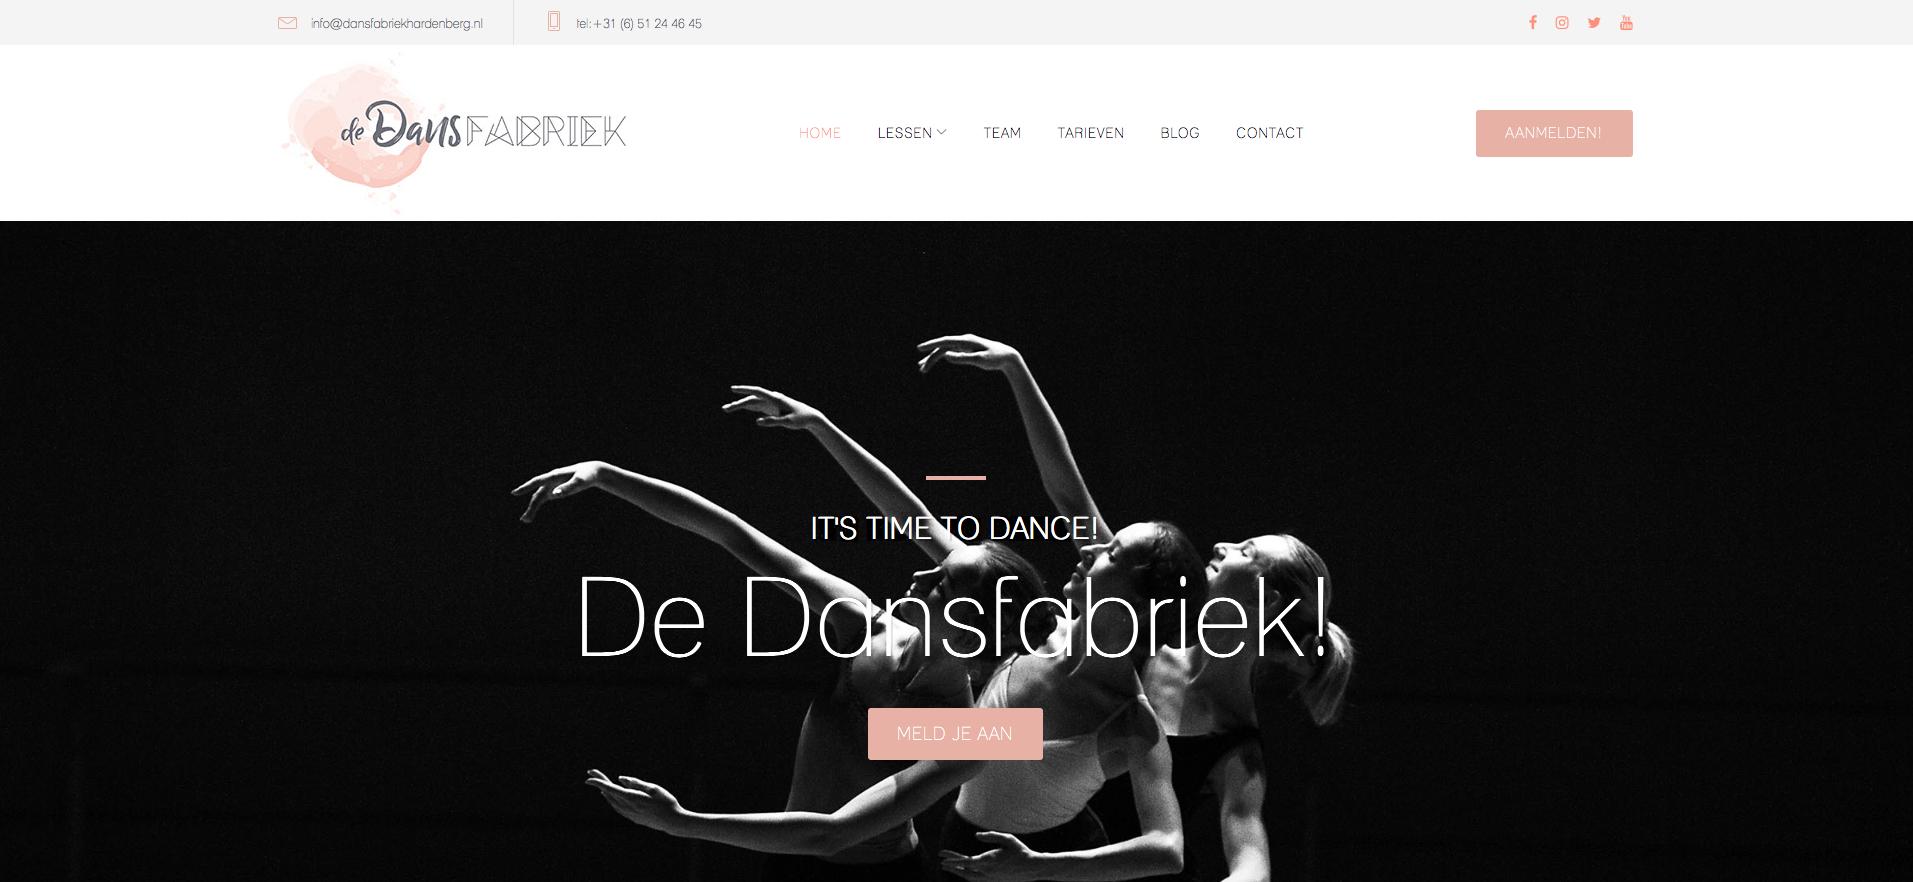 Nieuwe website De Dansfabriek Hardenberg